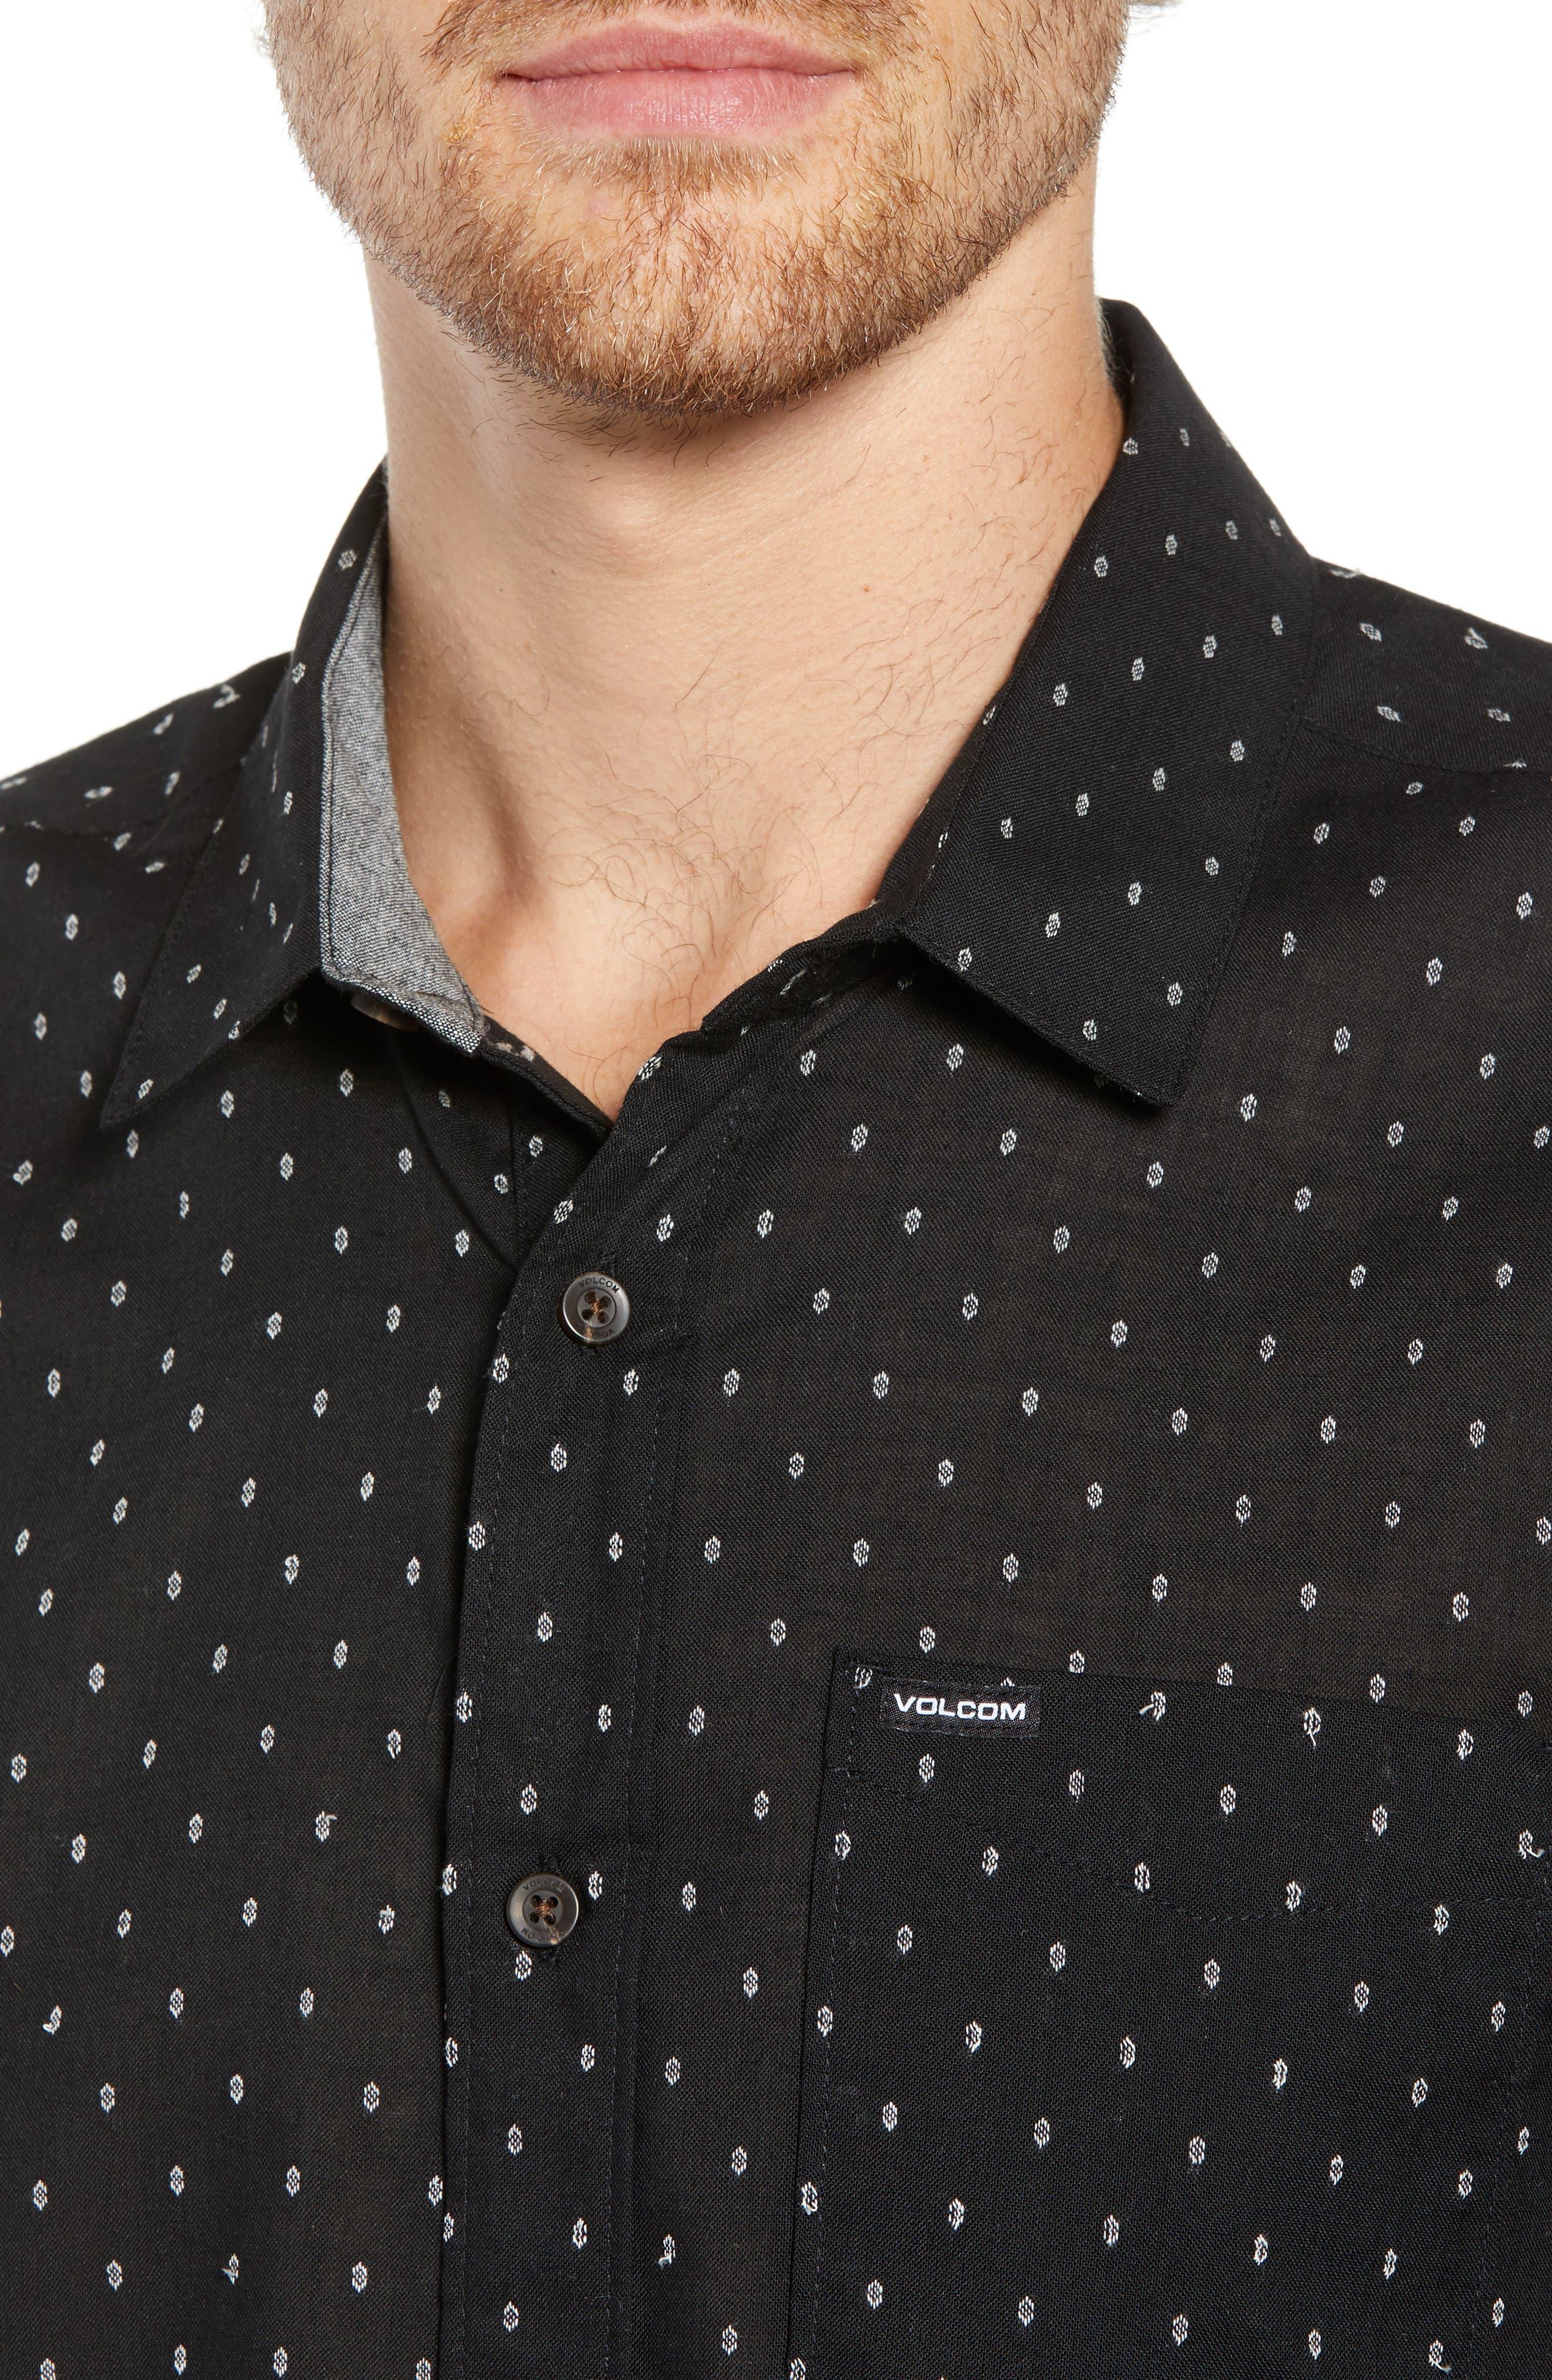 Dobler Woven Shirt,                             Alternate thumbnail 4, color,                             001